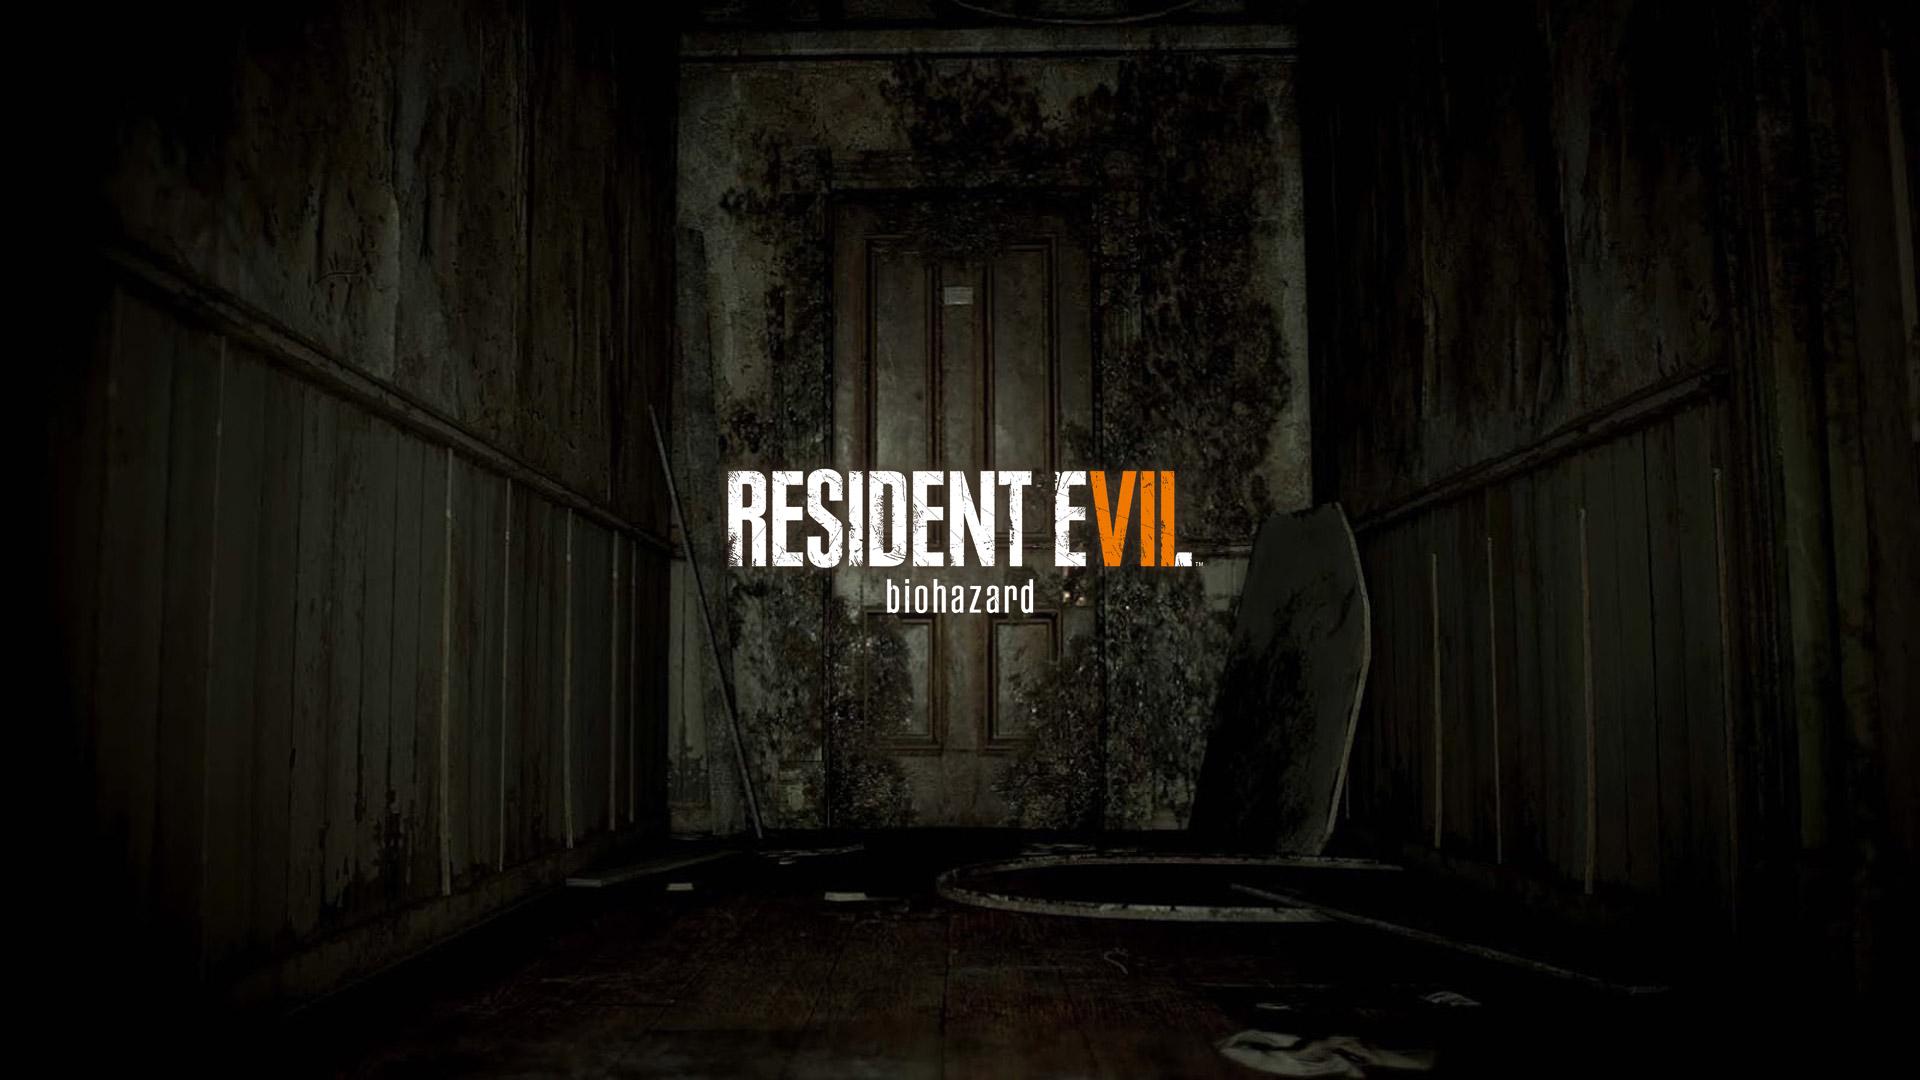 Free Resident Evil 7 Wallpaper in 1920x1080